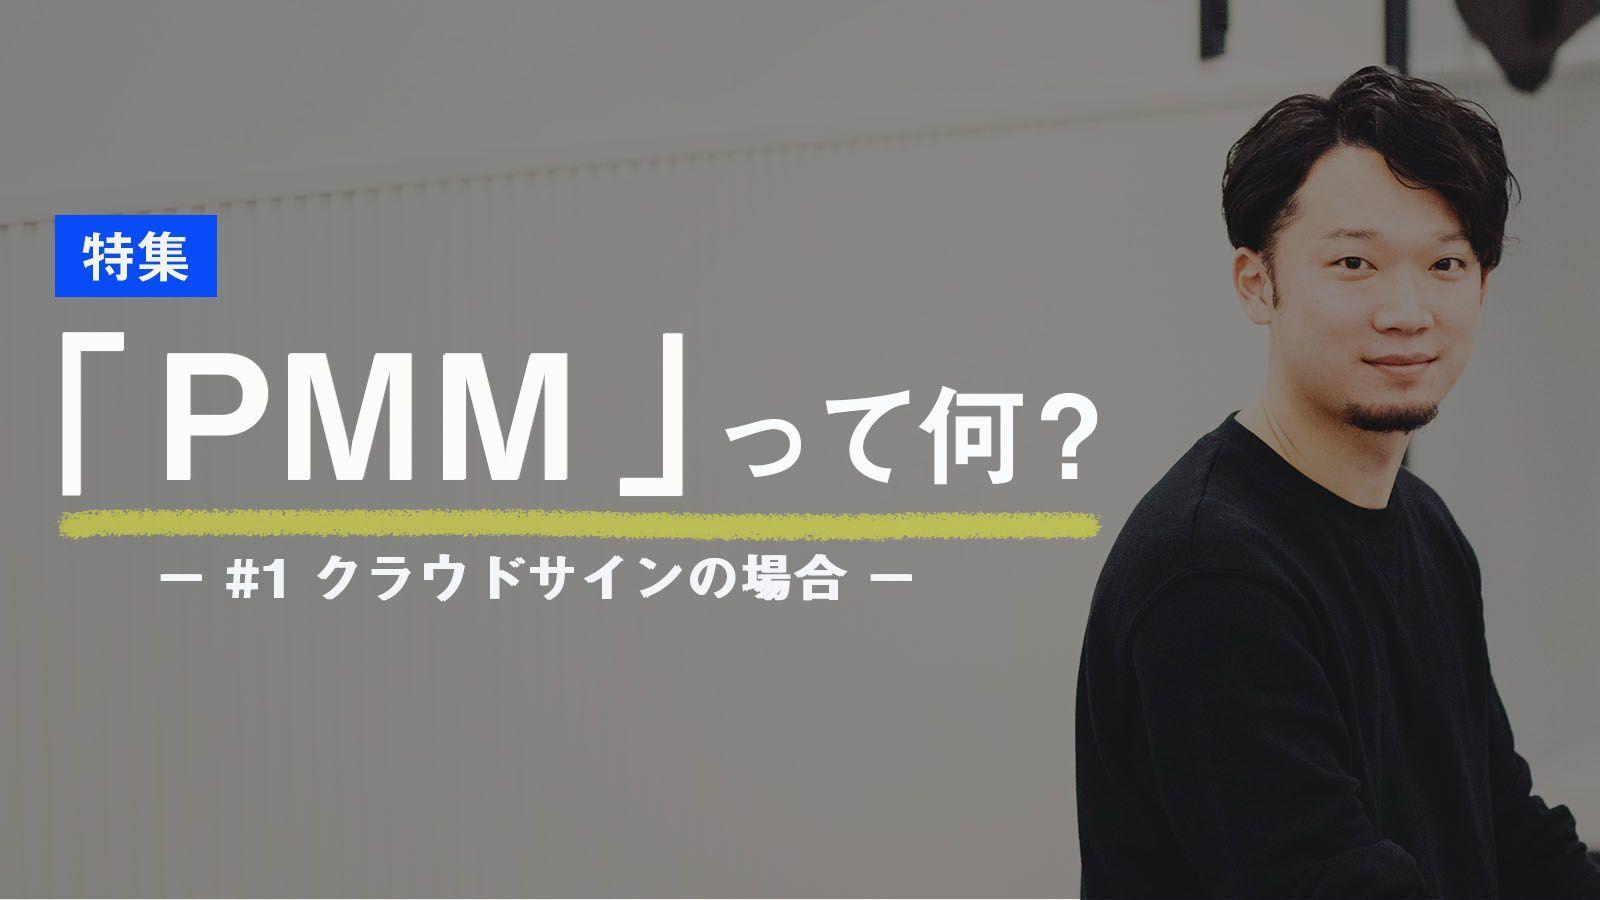 そのプロダクト、つくって終わりになってない?『クラウドサイン』が置くPMMの役割